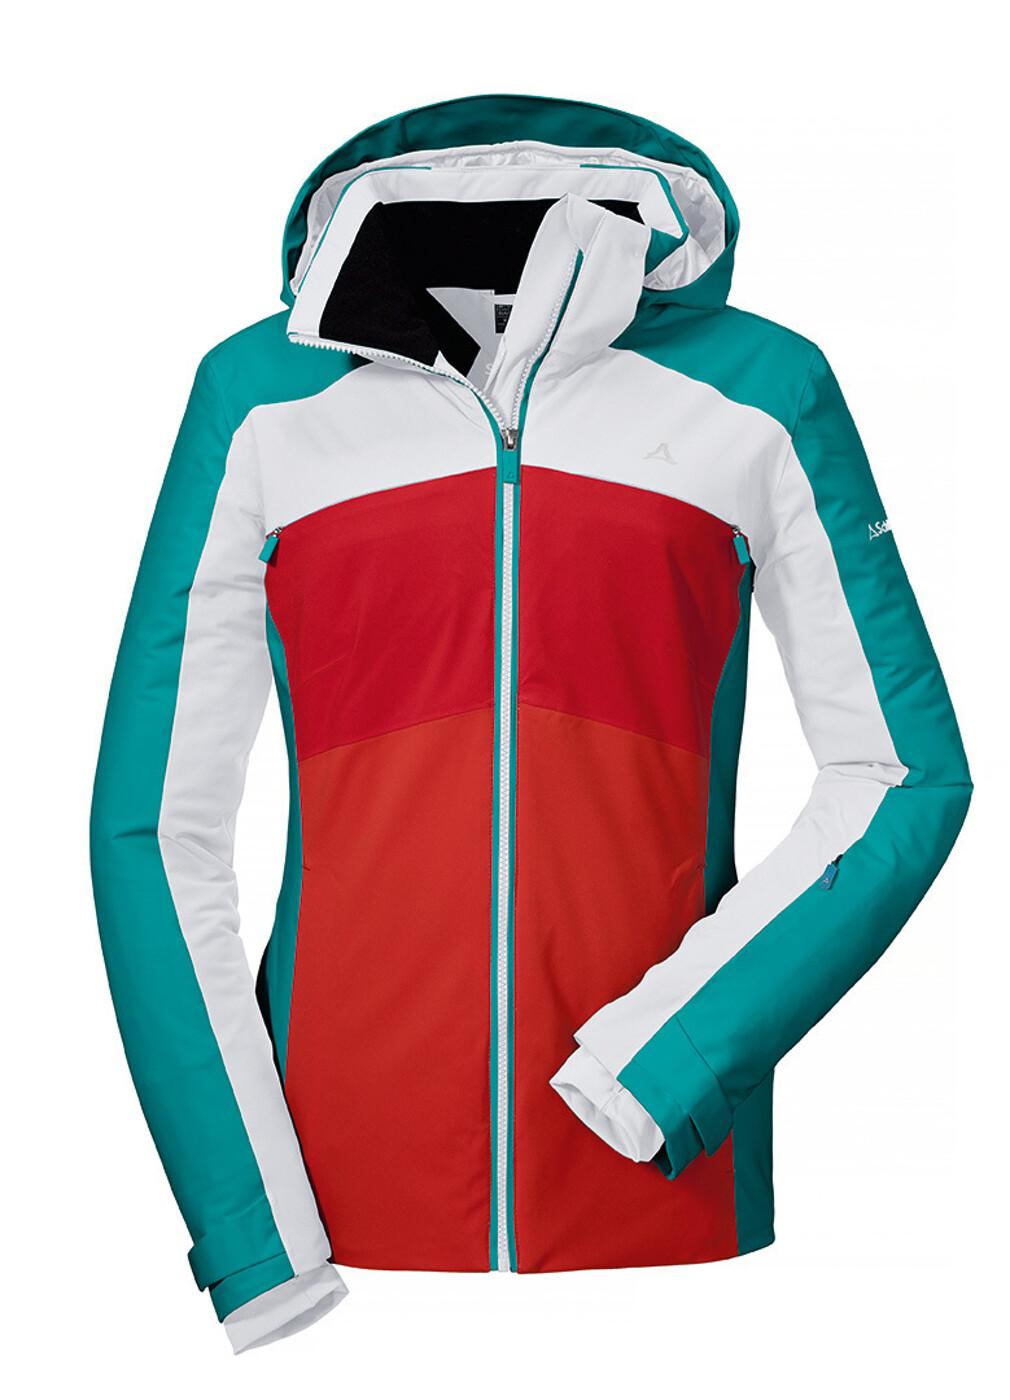 SCHÖFFEL Ski Jacket Schladming2 - Damen